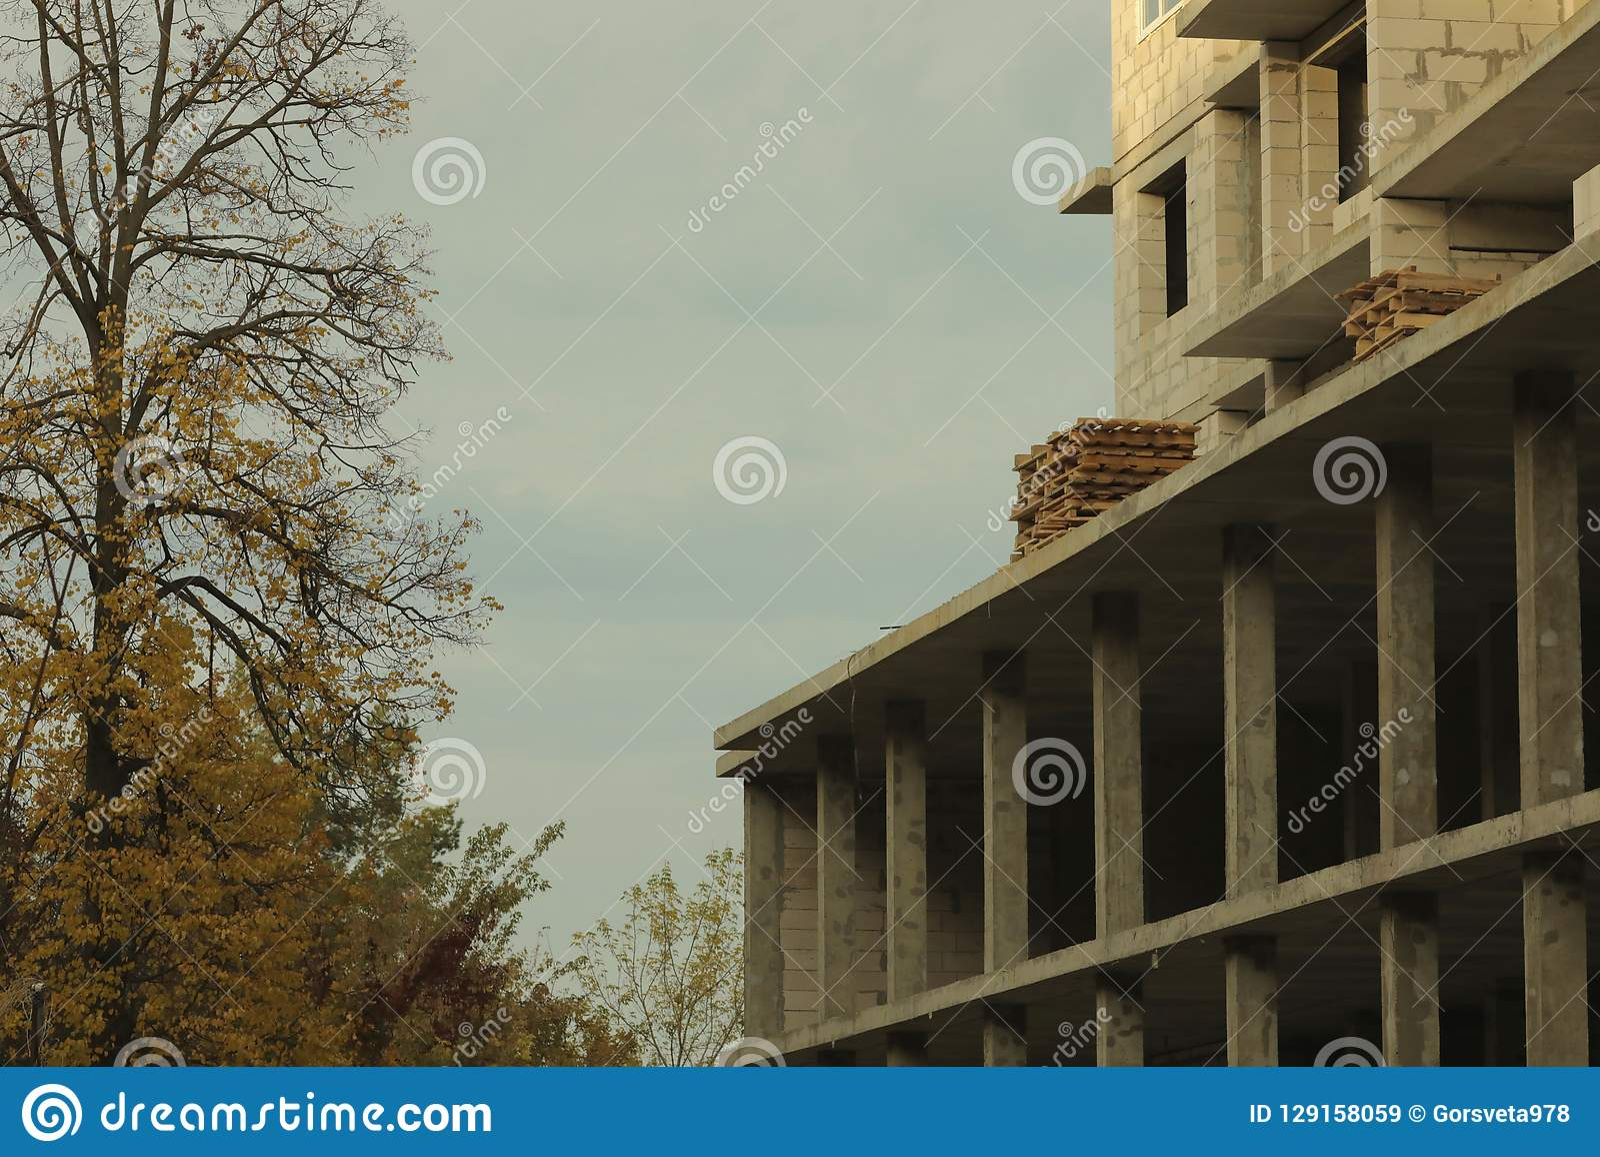 Gratte-ciel non fini, grue, architecture